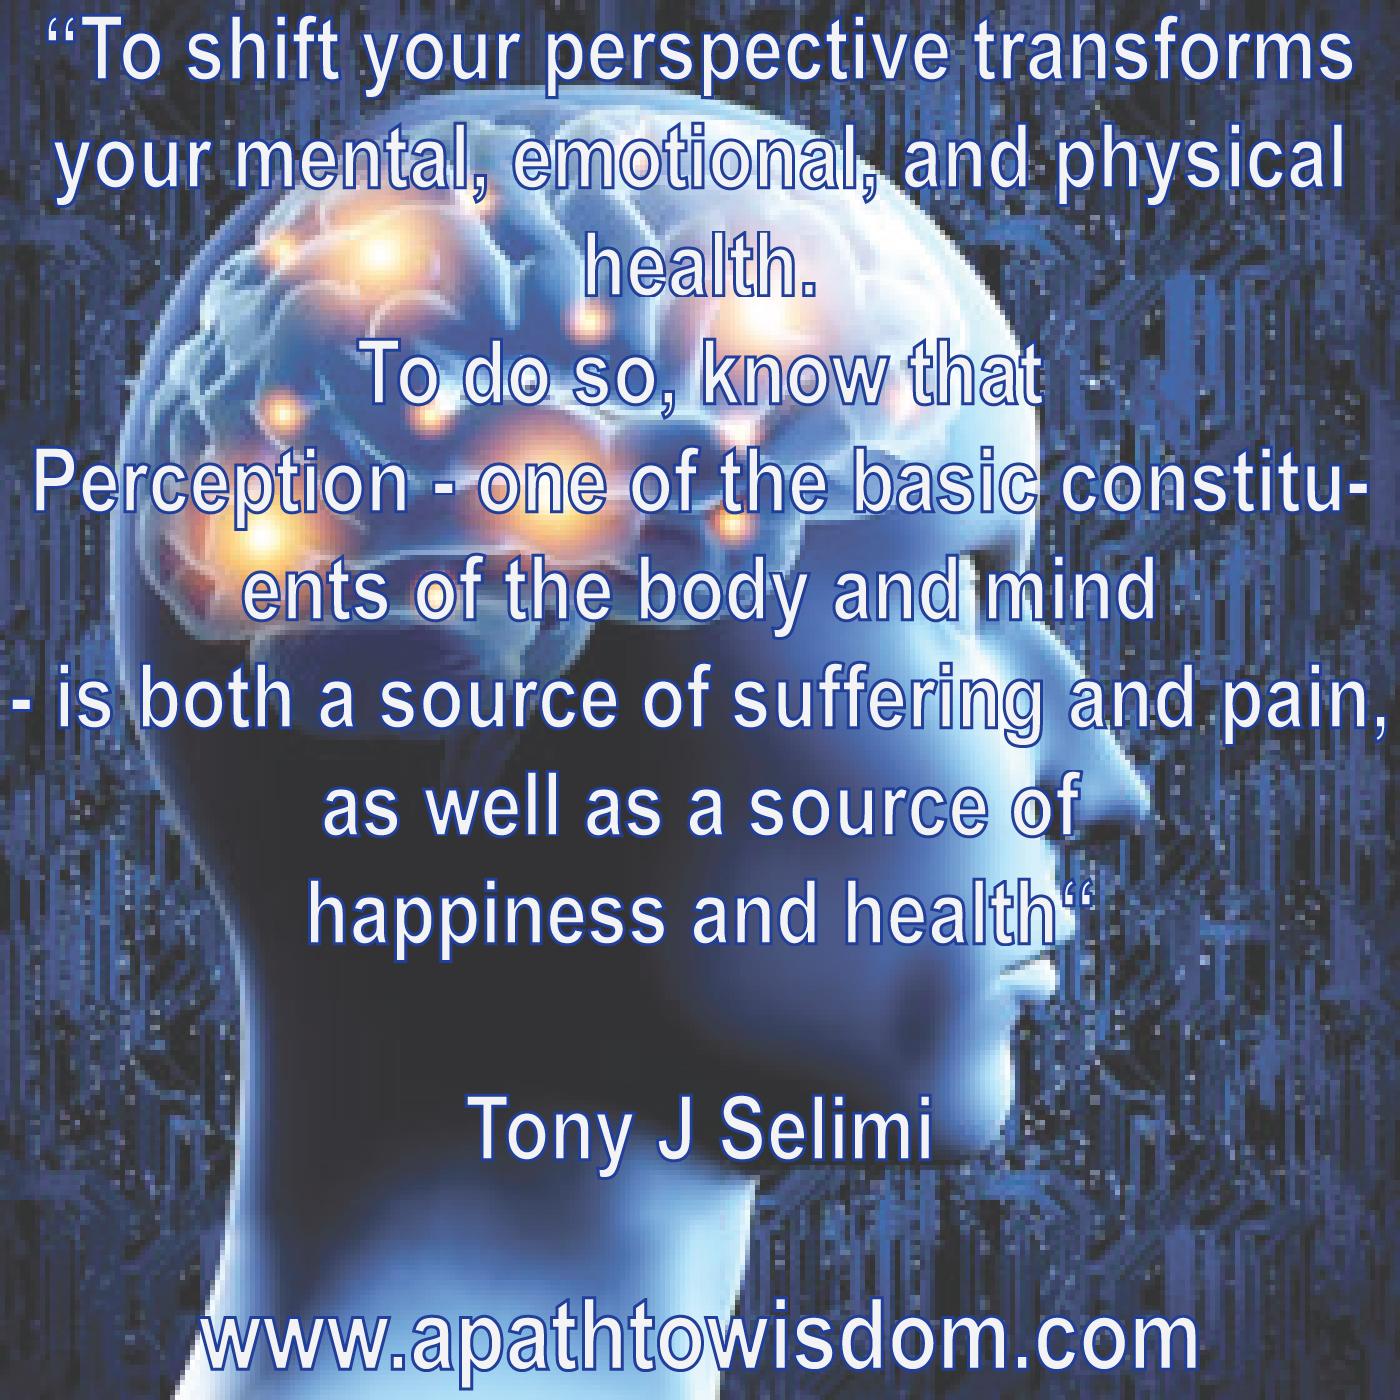 Perceptions-words-of-wisdom-Tony-J-Selimi